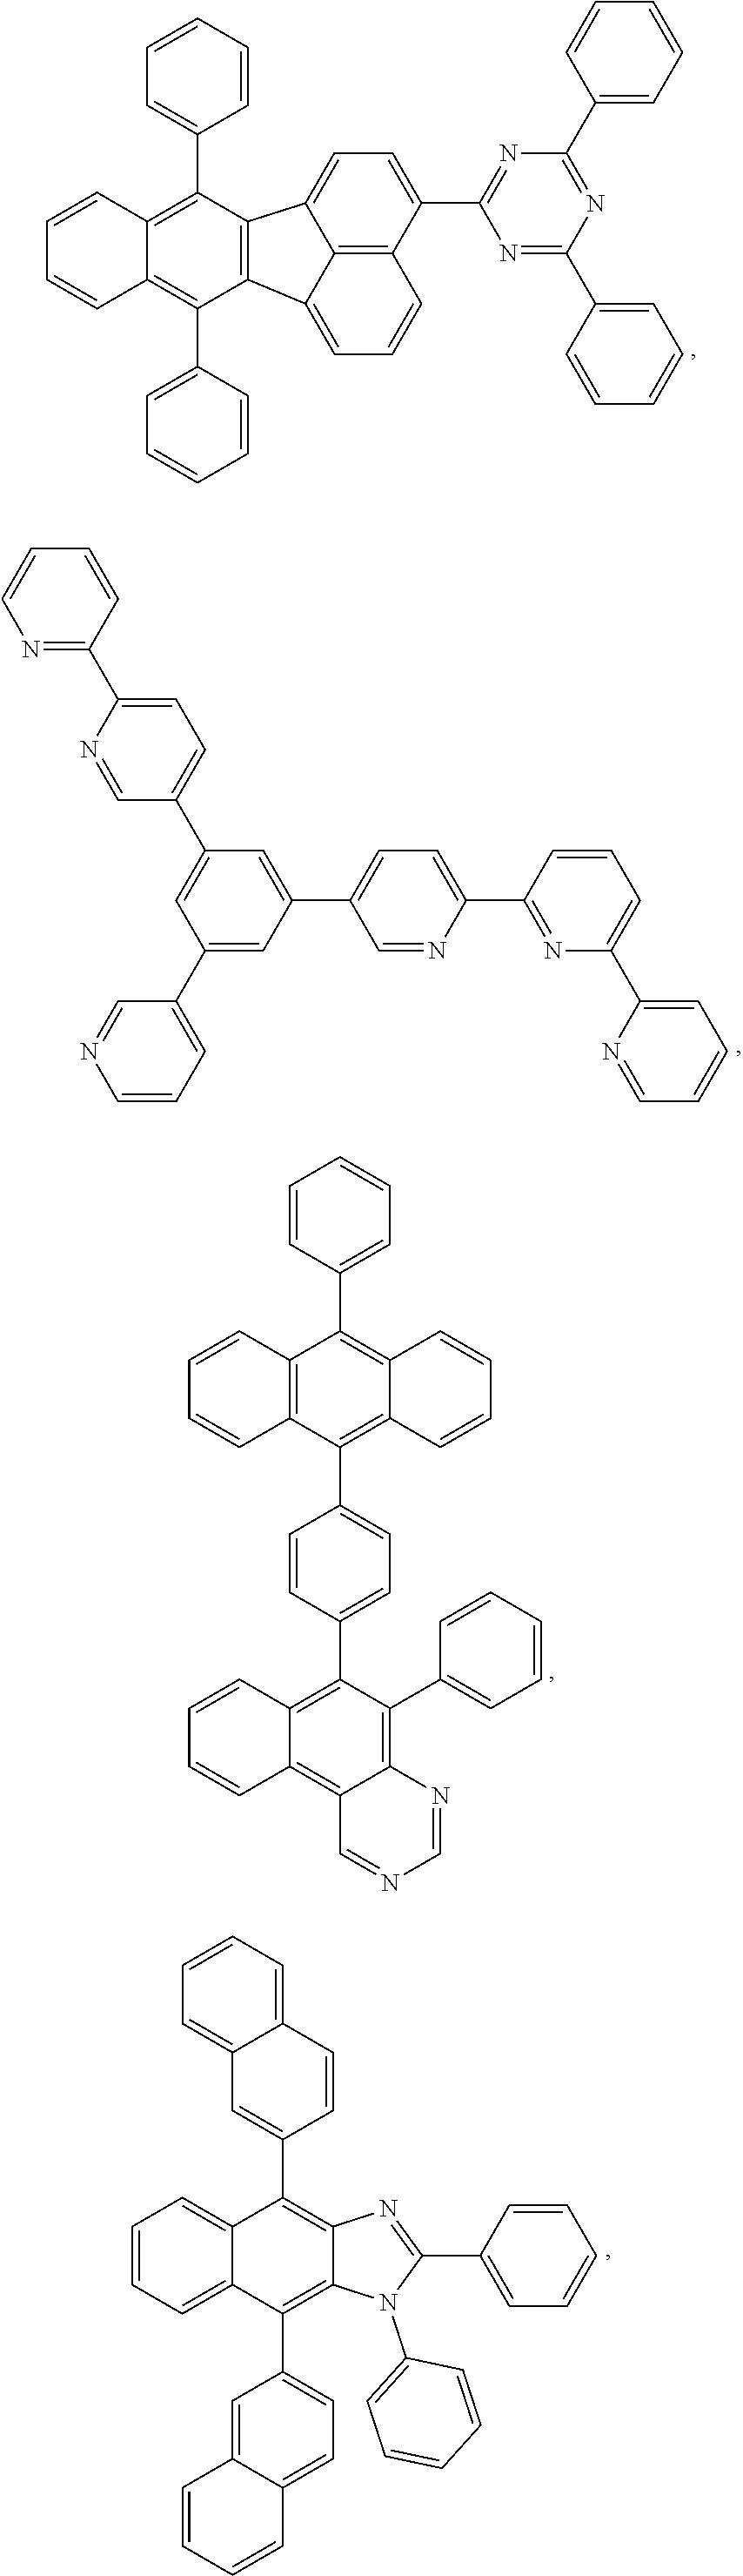 Figure US20190161504A1-20190530-C00091